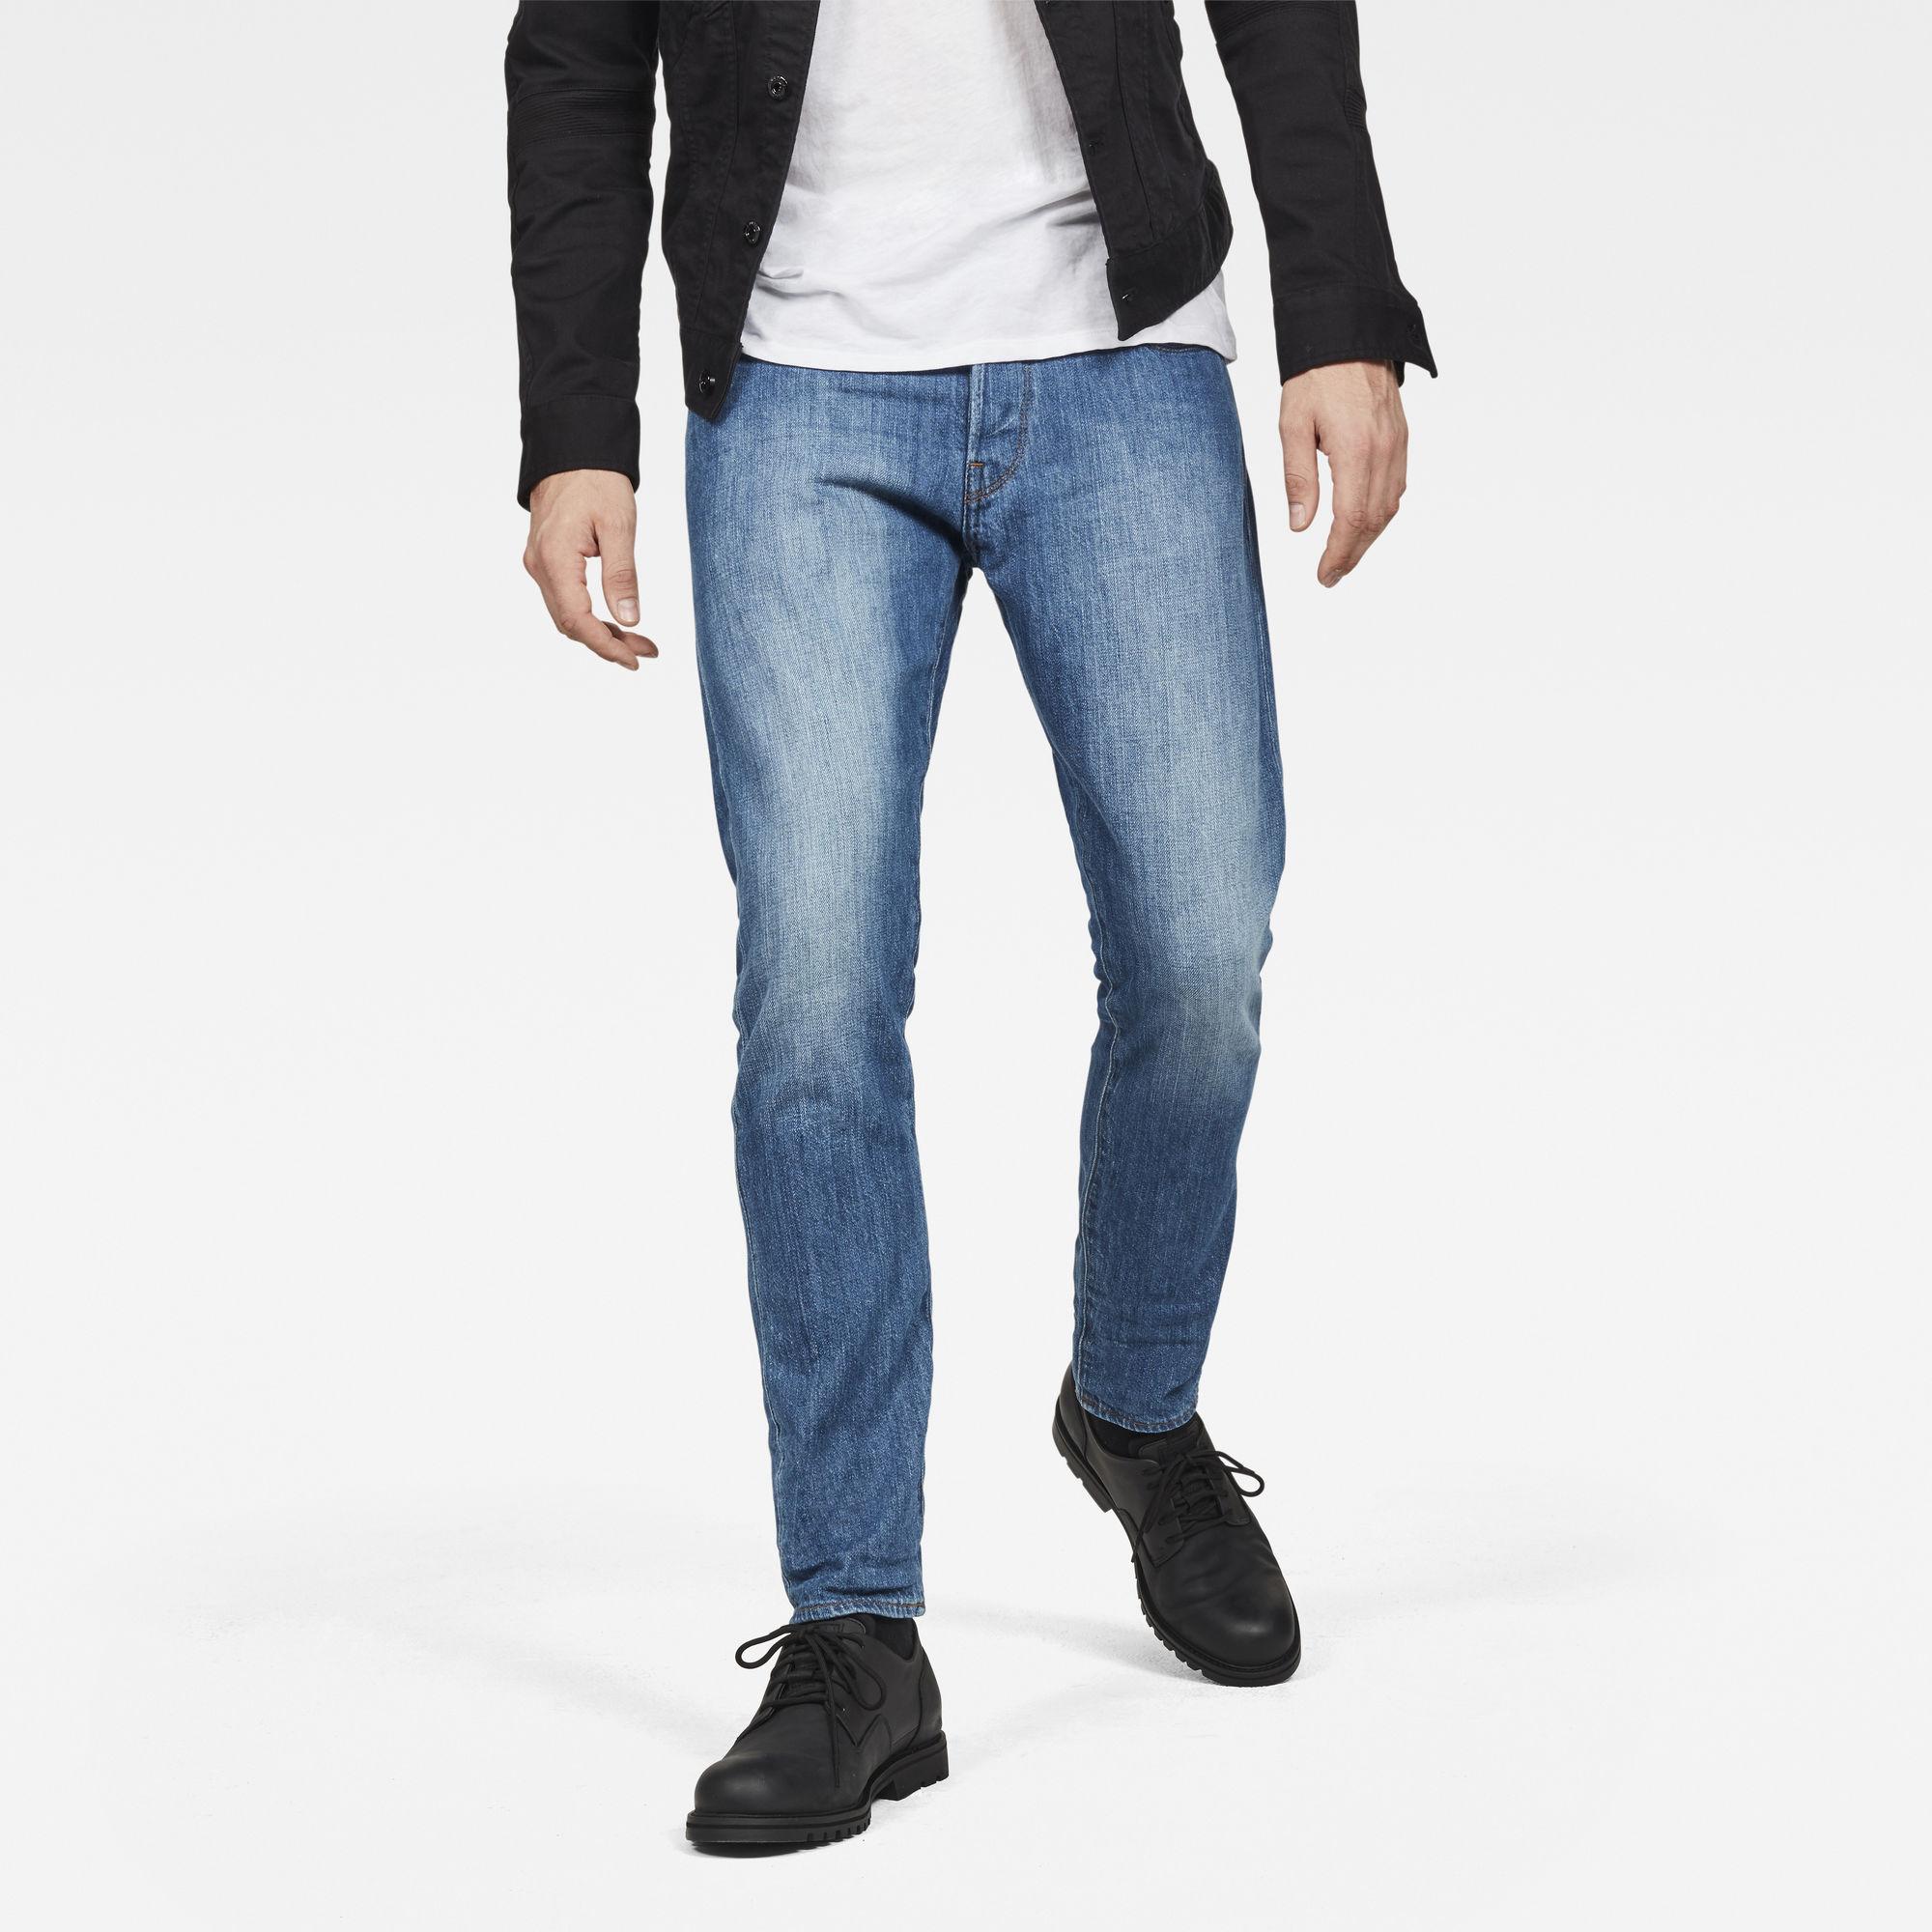 Van G Star Raw 3301 Deconstructed Tapered Jeans Prijsvergelijk nu!